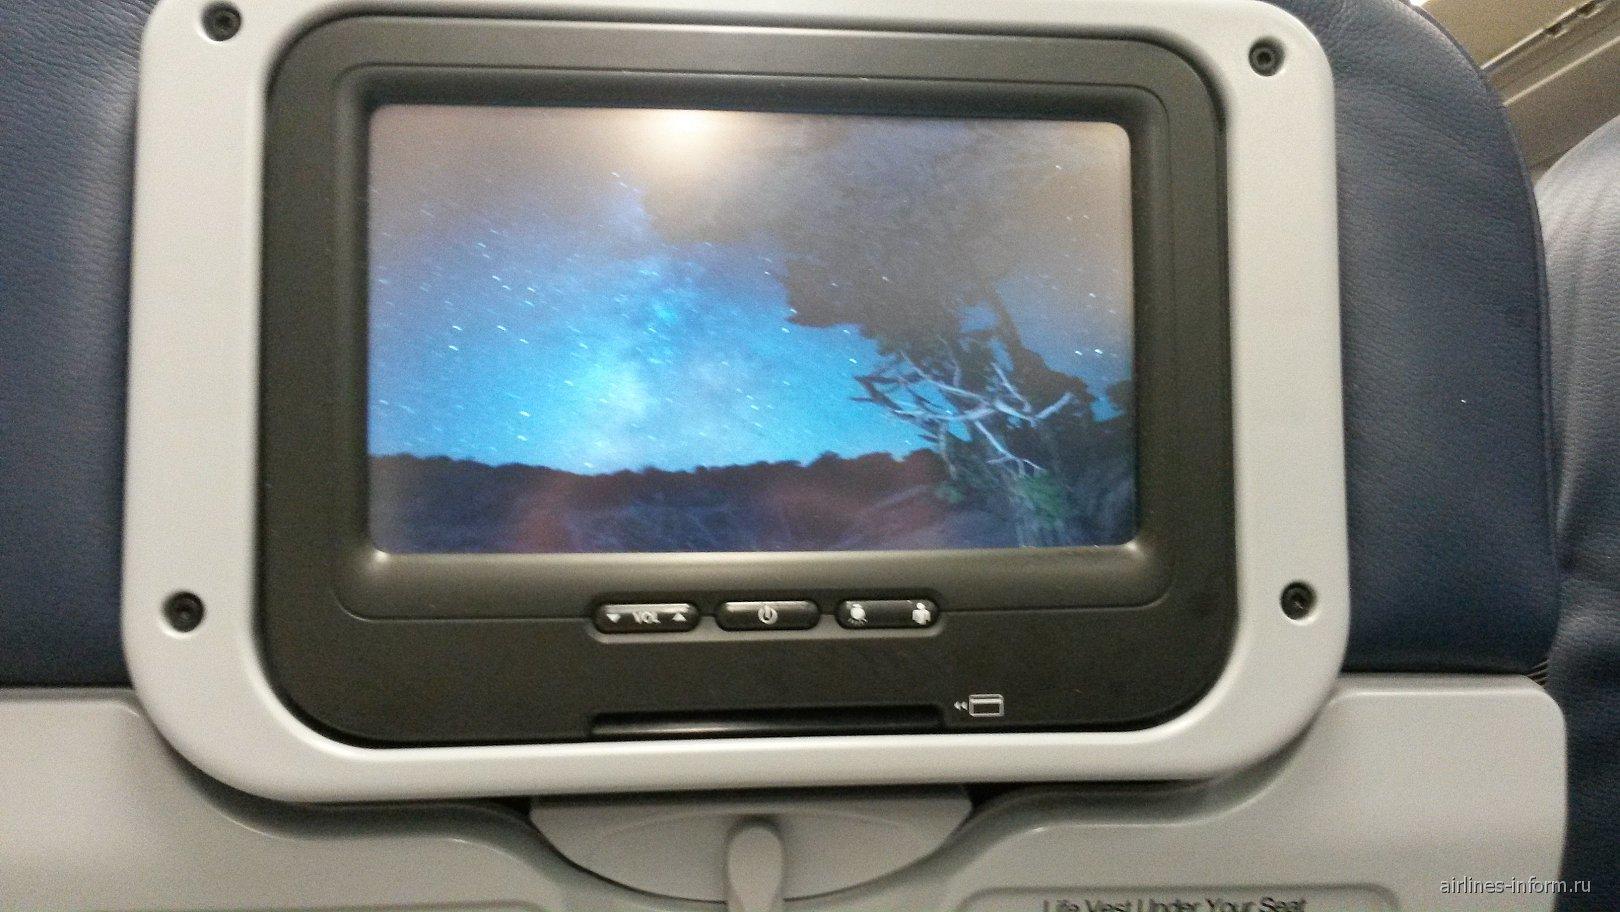 Система развлечений в самолете Airbus A330-200 авиакомпании US Airways